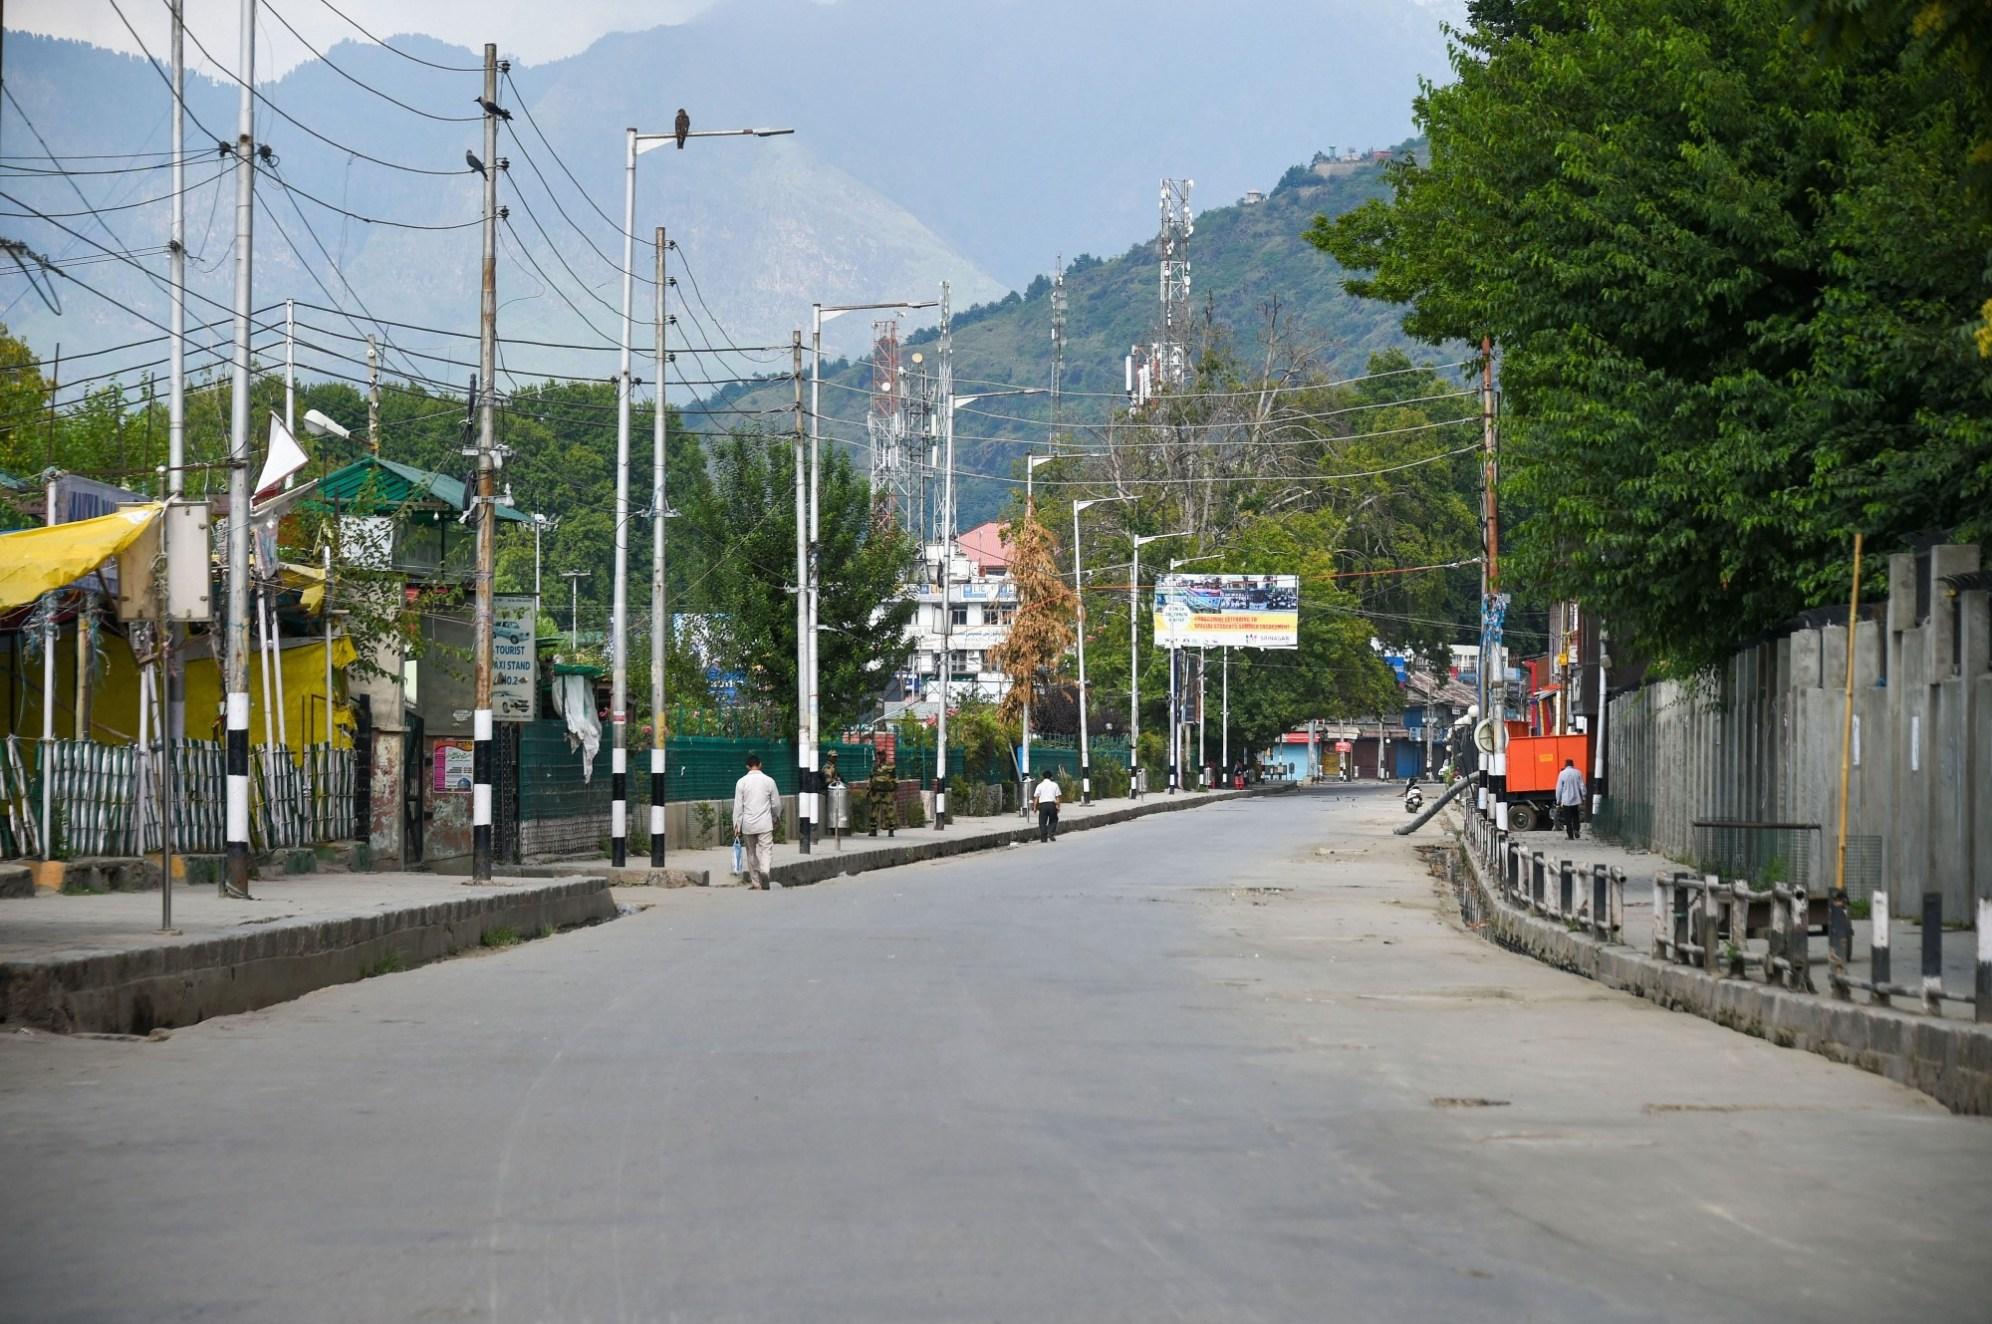 काश्मीरमध्ये तीन महिन्यात १२५ योजनांना विक्रमी वन मंजुऱ्या